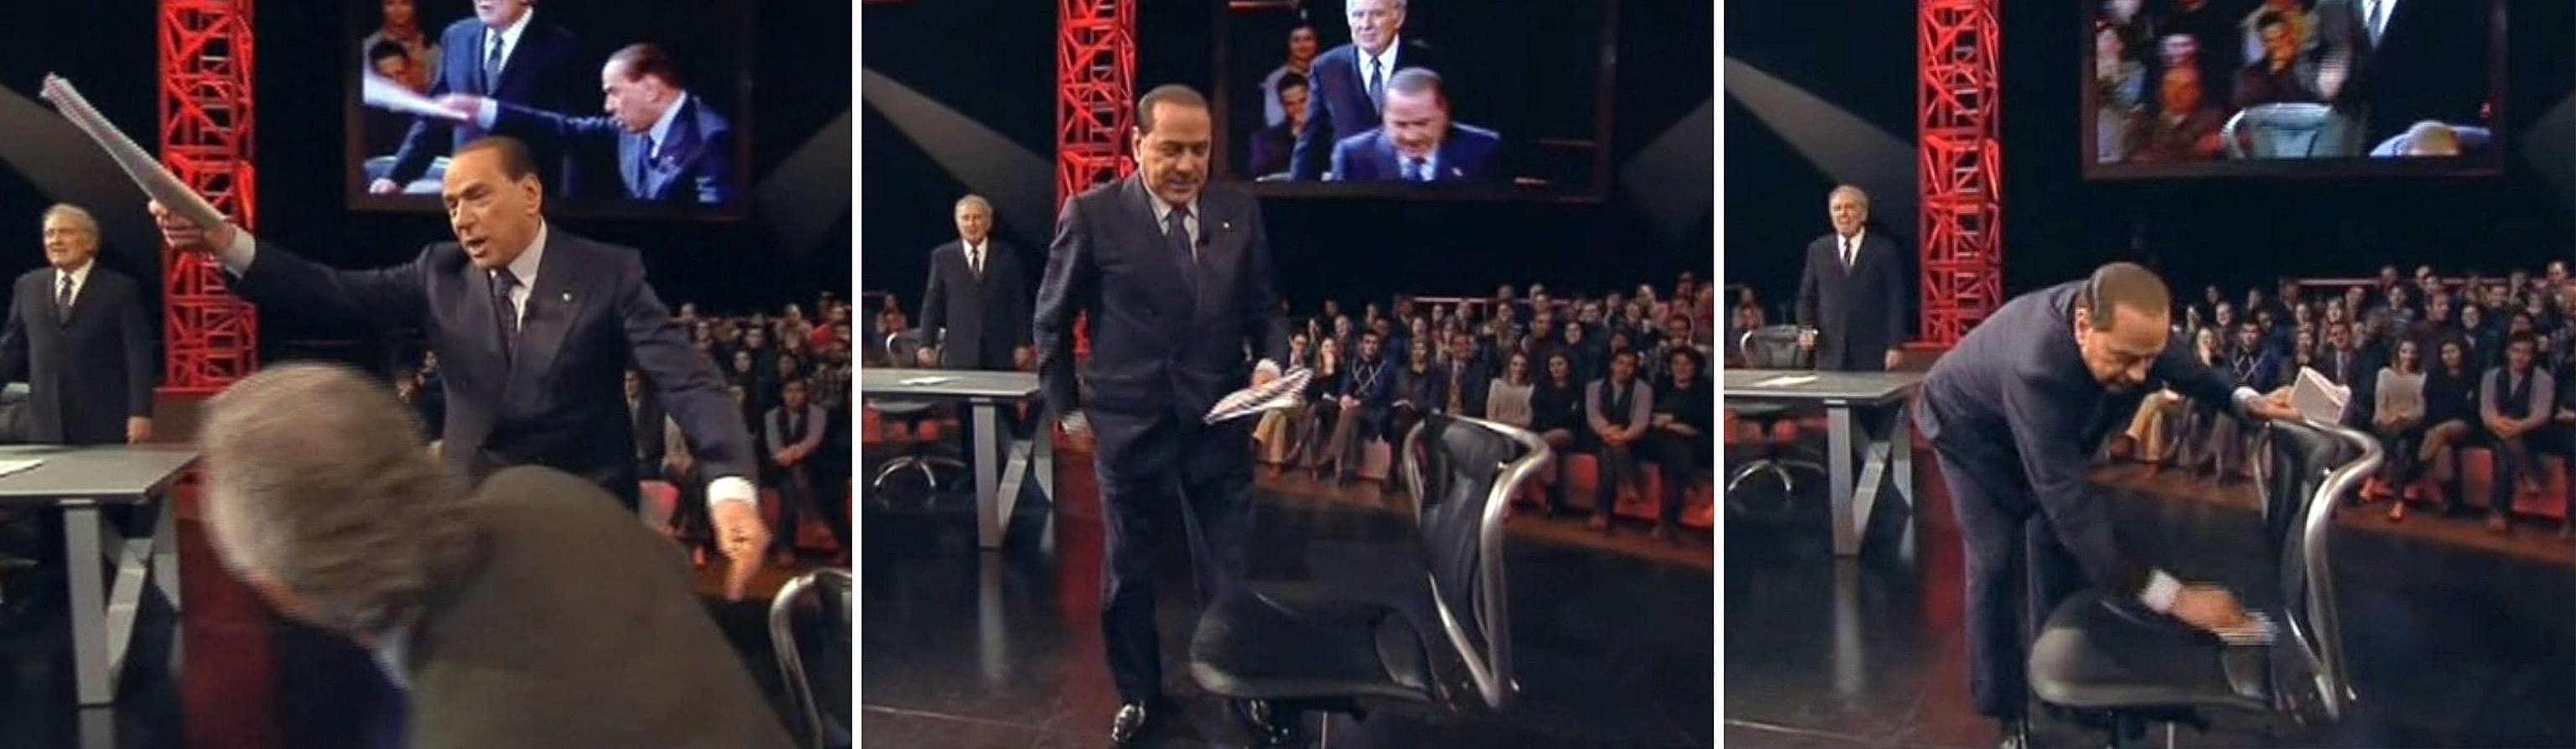 """Berlusconi esce dallo studio sorridente """"ˆ andata benissimo mi sono molto divertito"""" dice mentre saluta tutti ˆ seguito dal suo staff con Mariarosaria"""